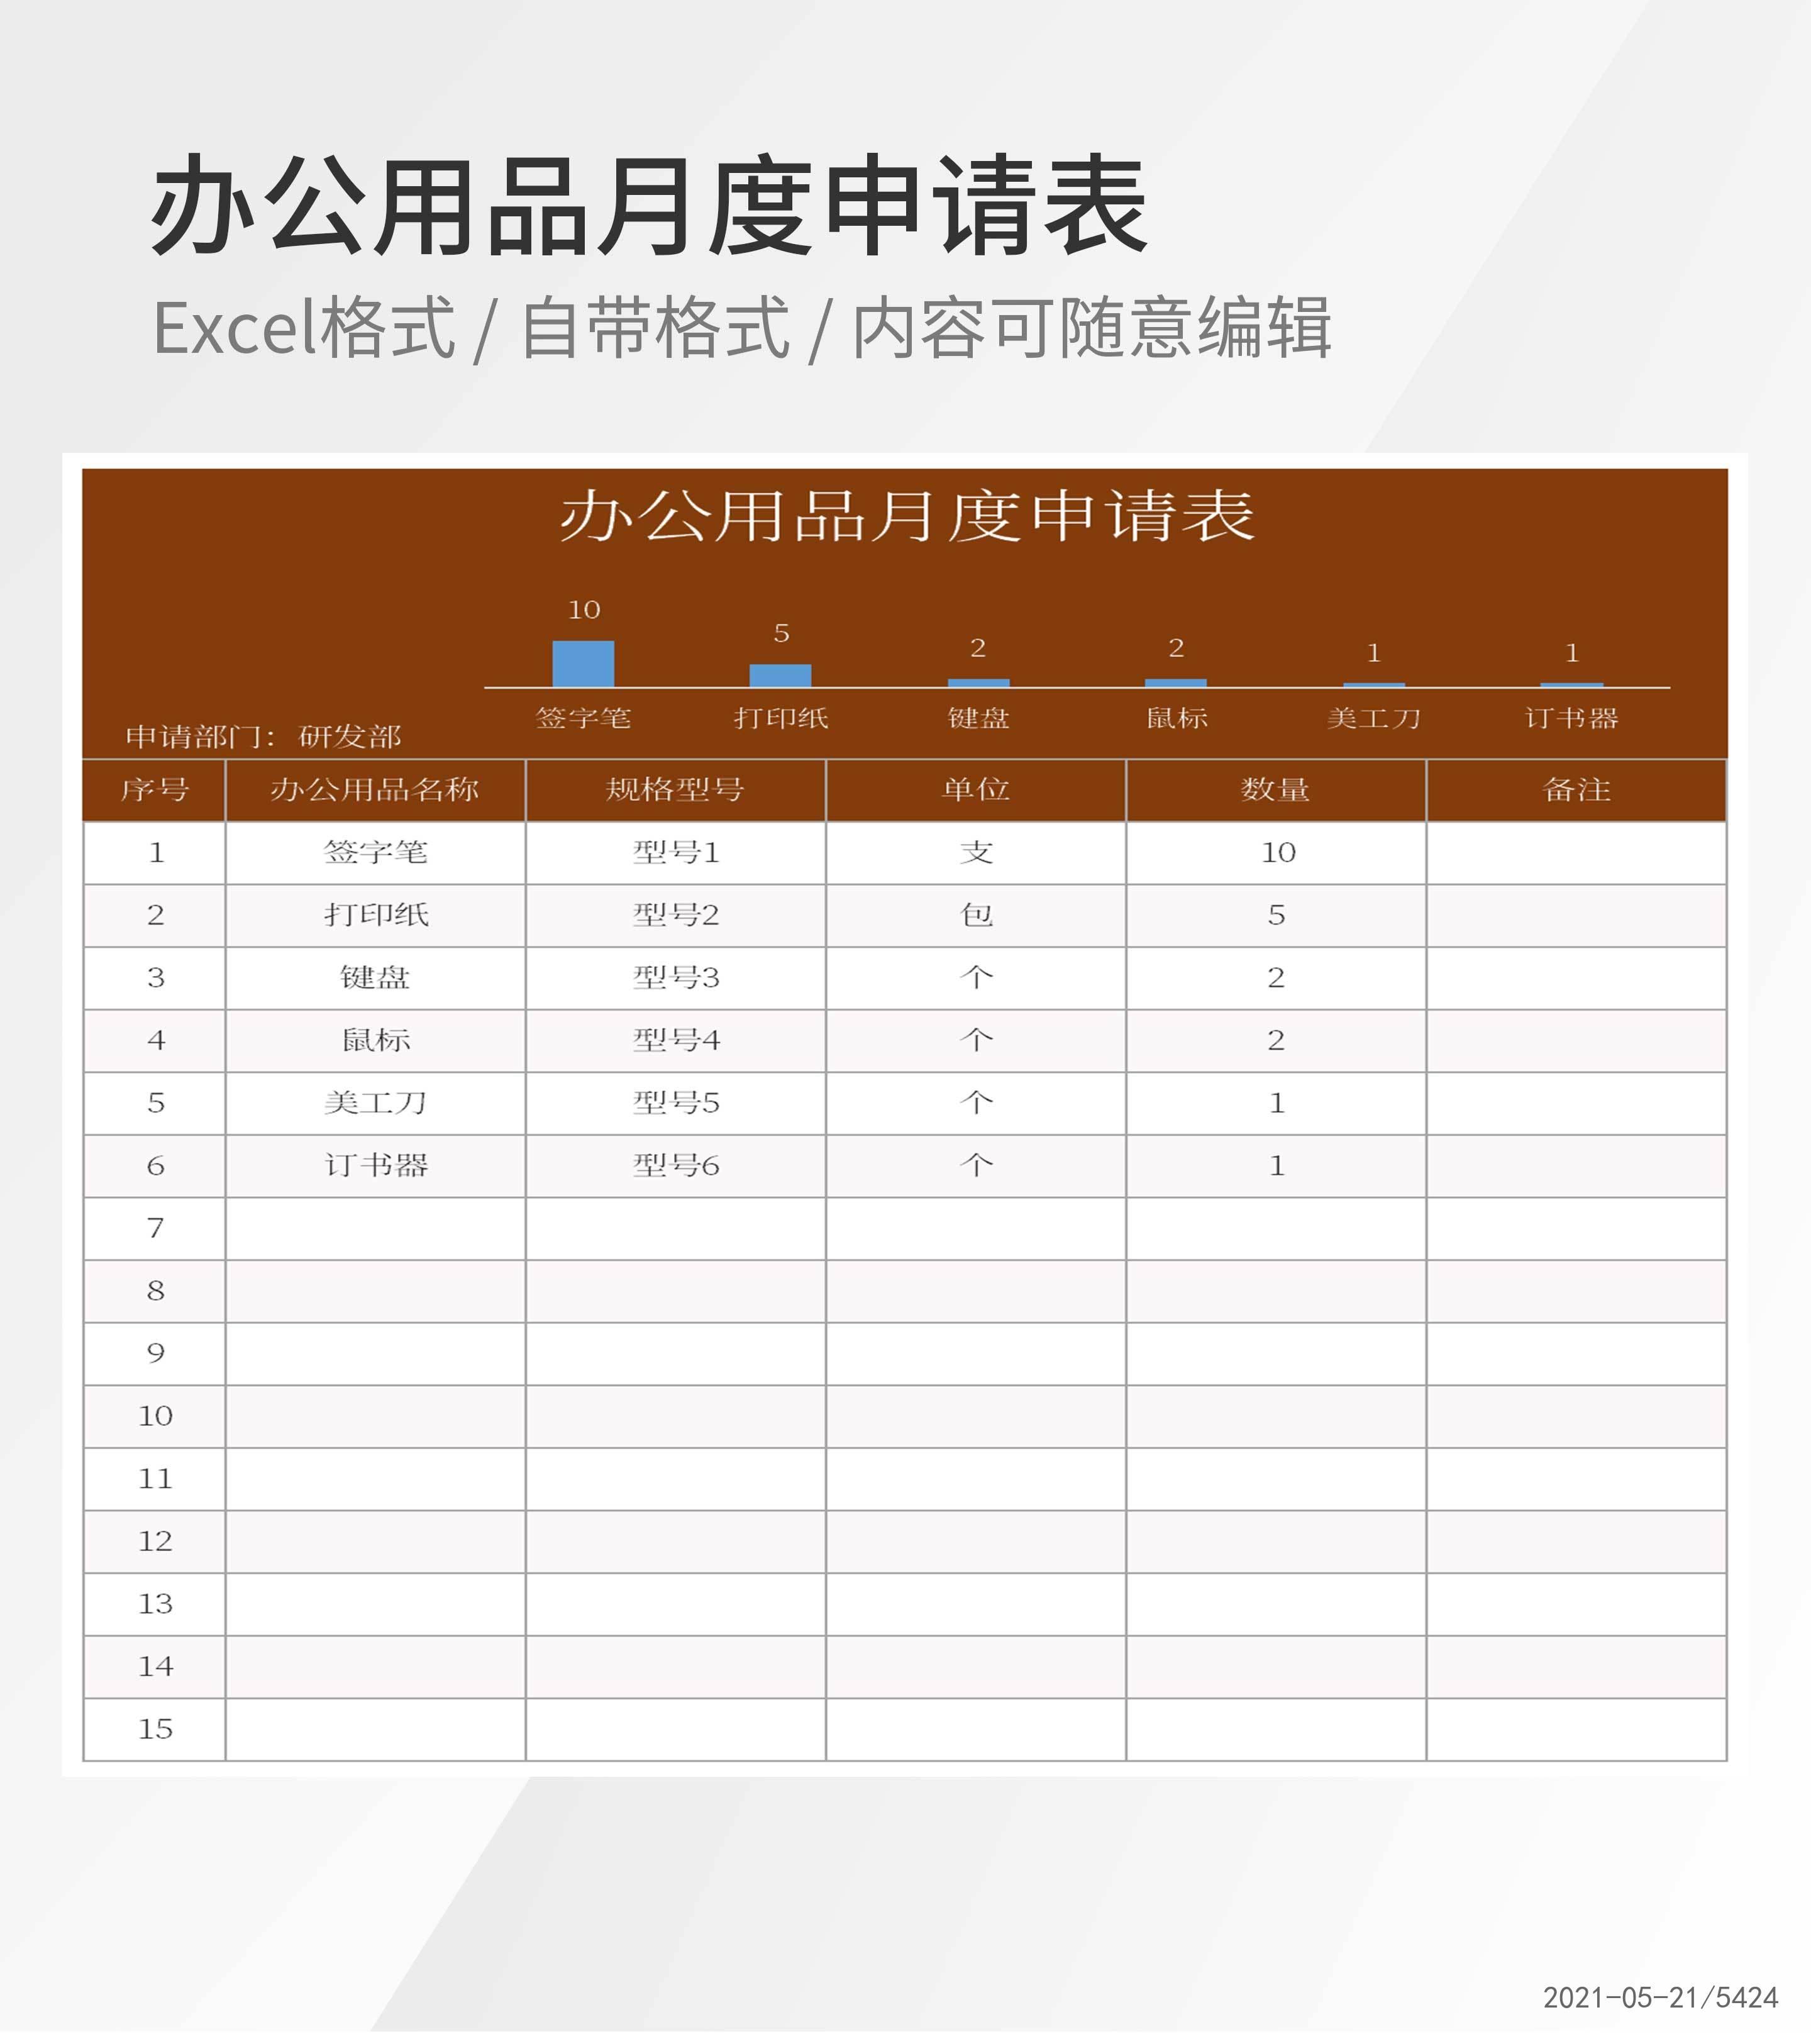 部门办公用品月度申请表Excel模板